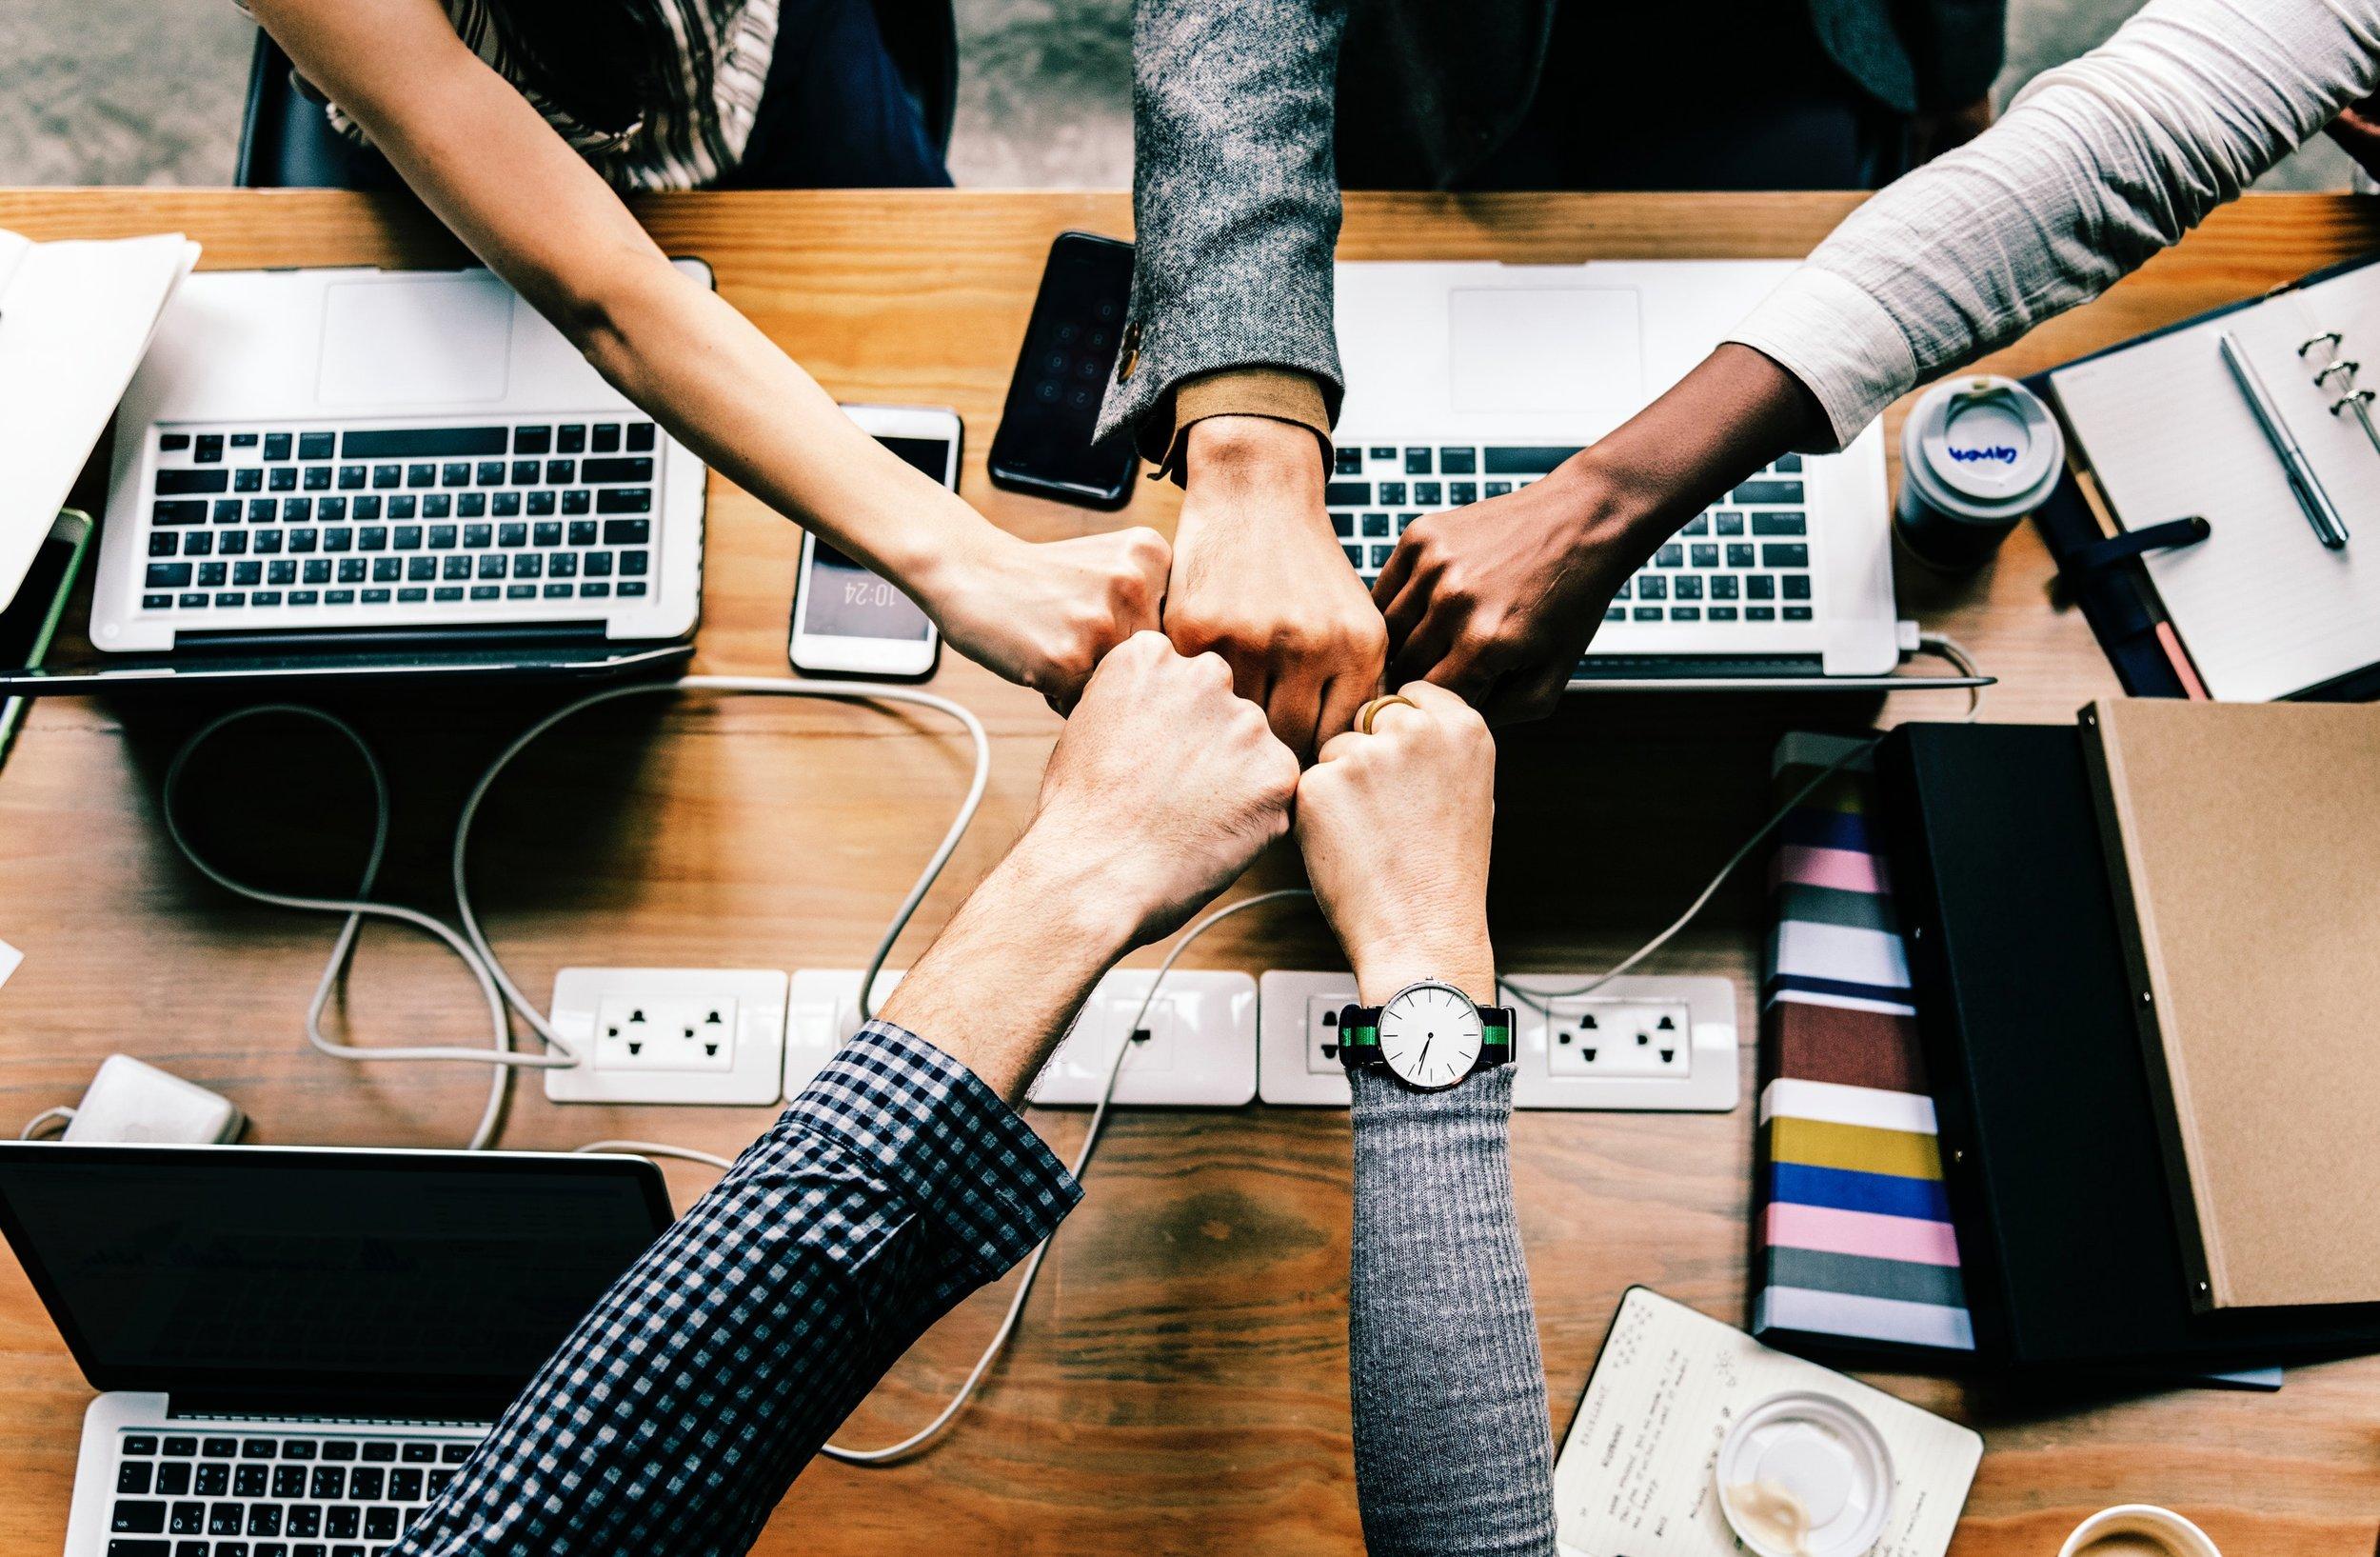 teamwork bizdev.jpg